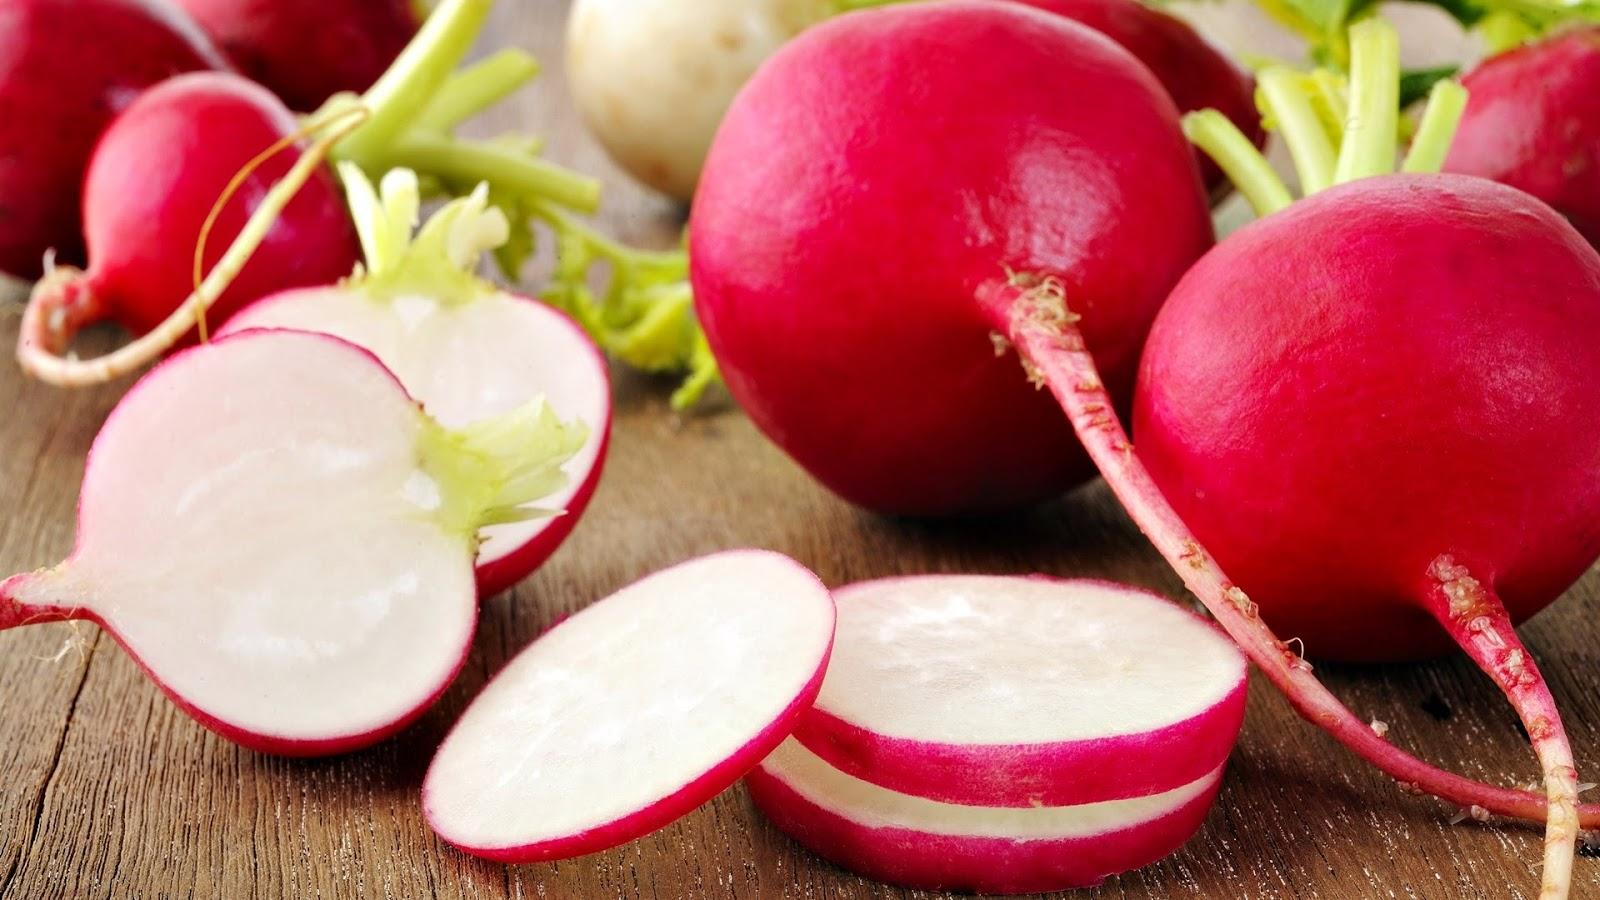 Horseradish nerede kullanılır. Ürünün yararlı özellikleri